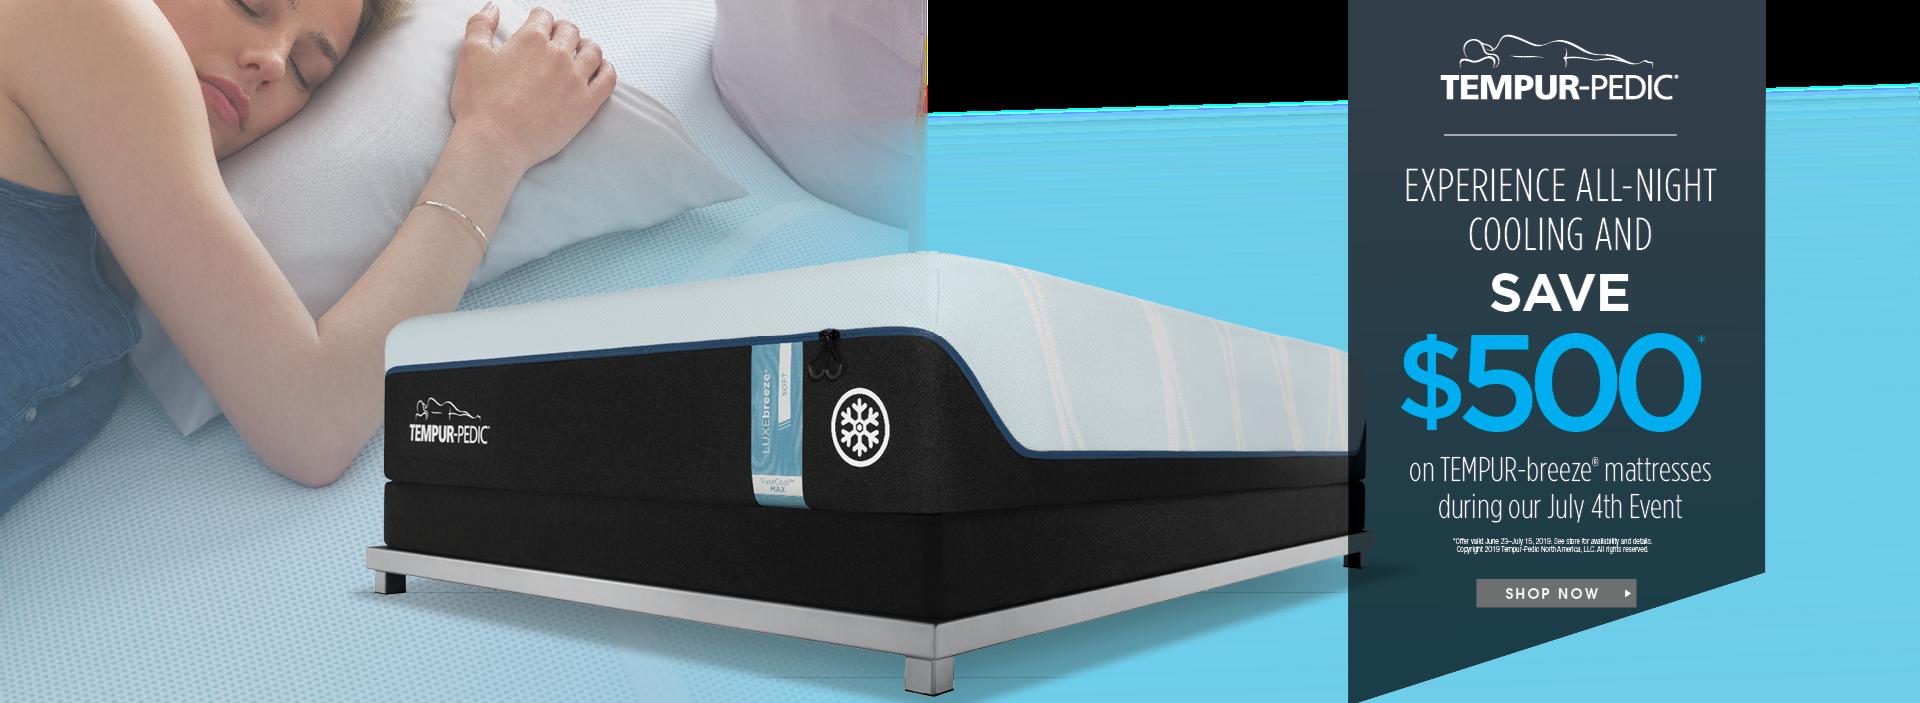 tempurpedic mattress save $500